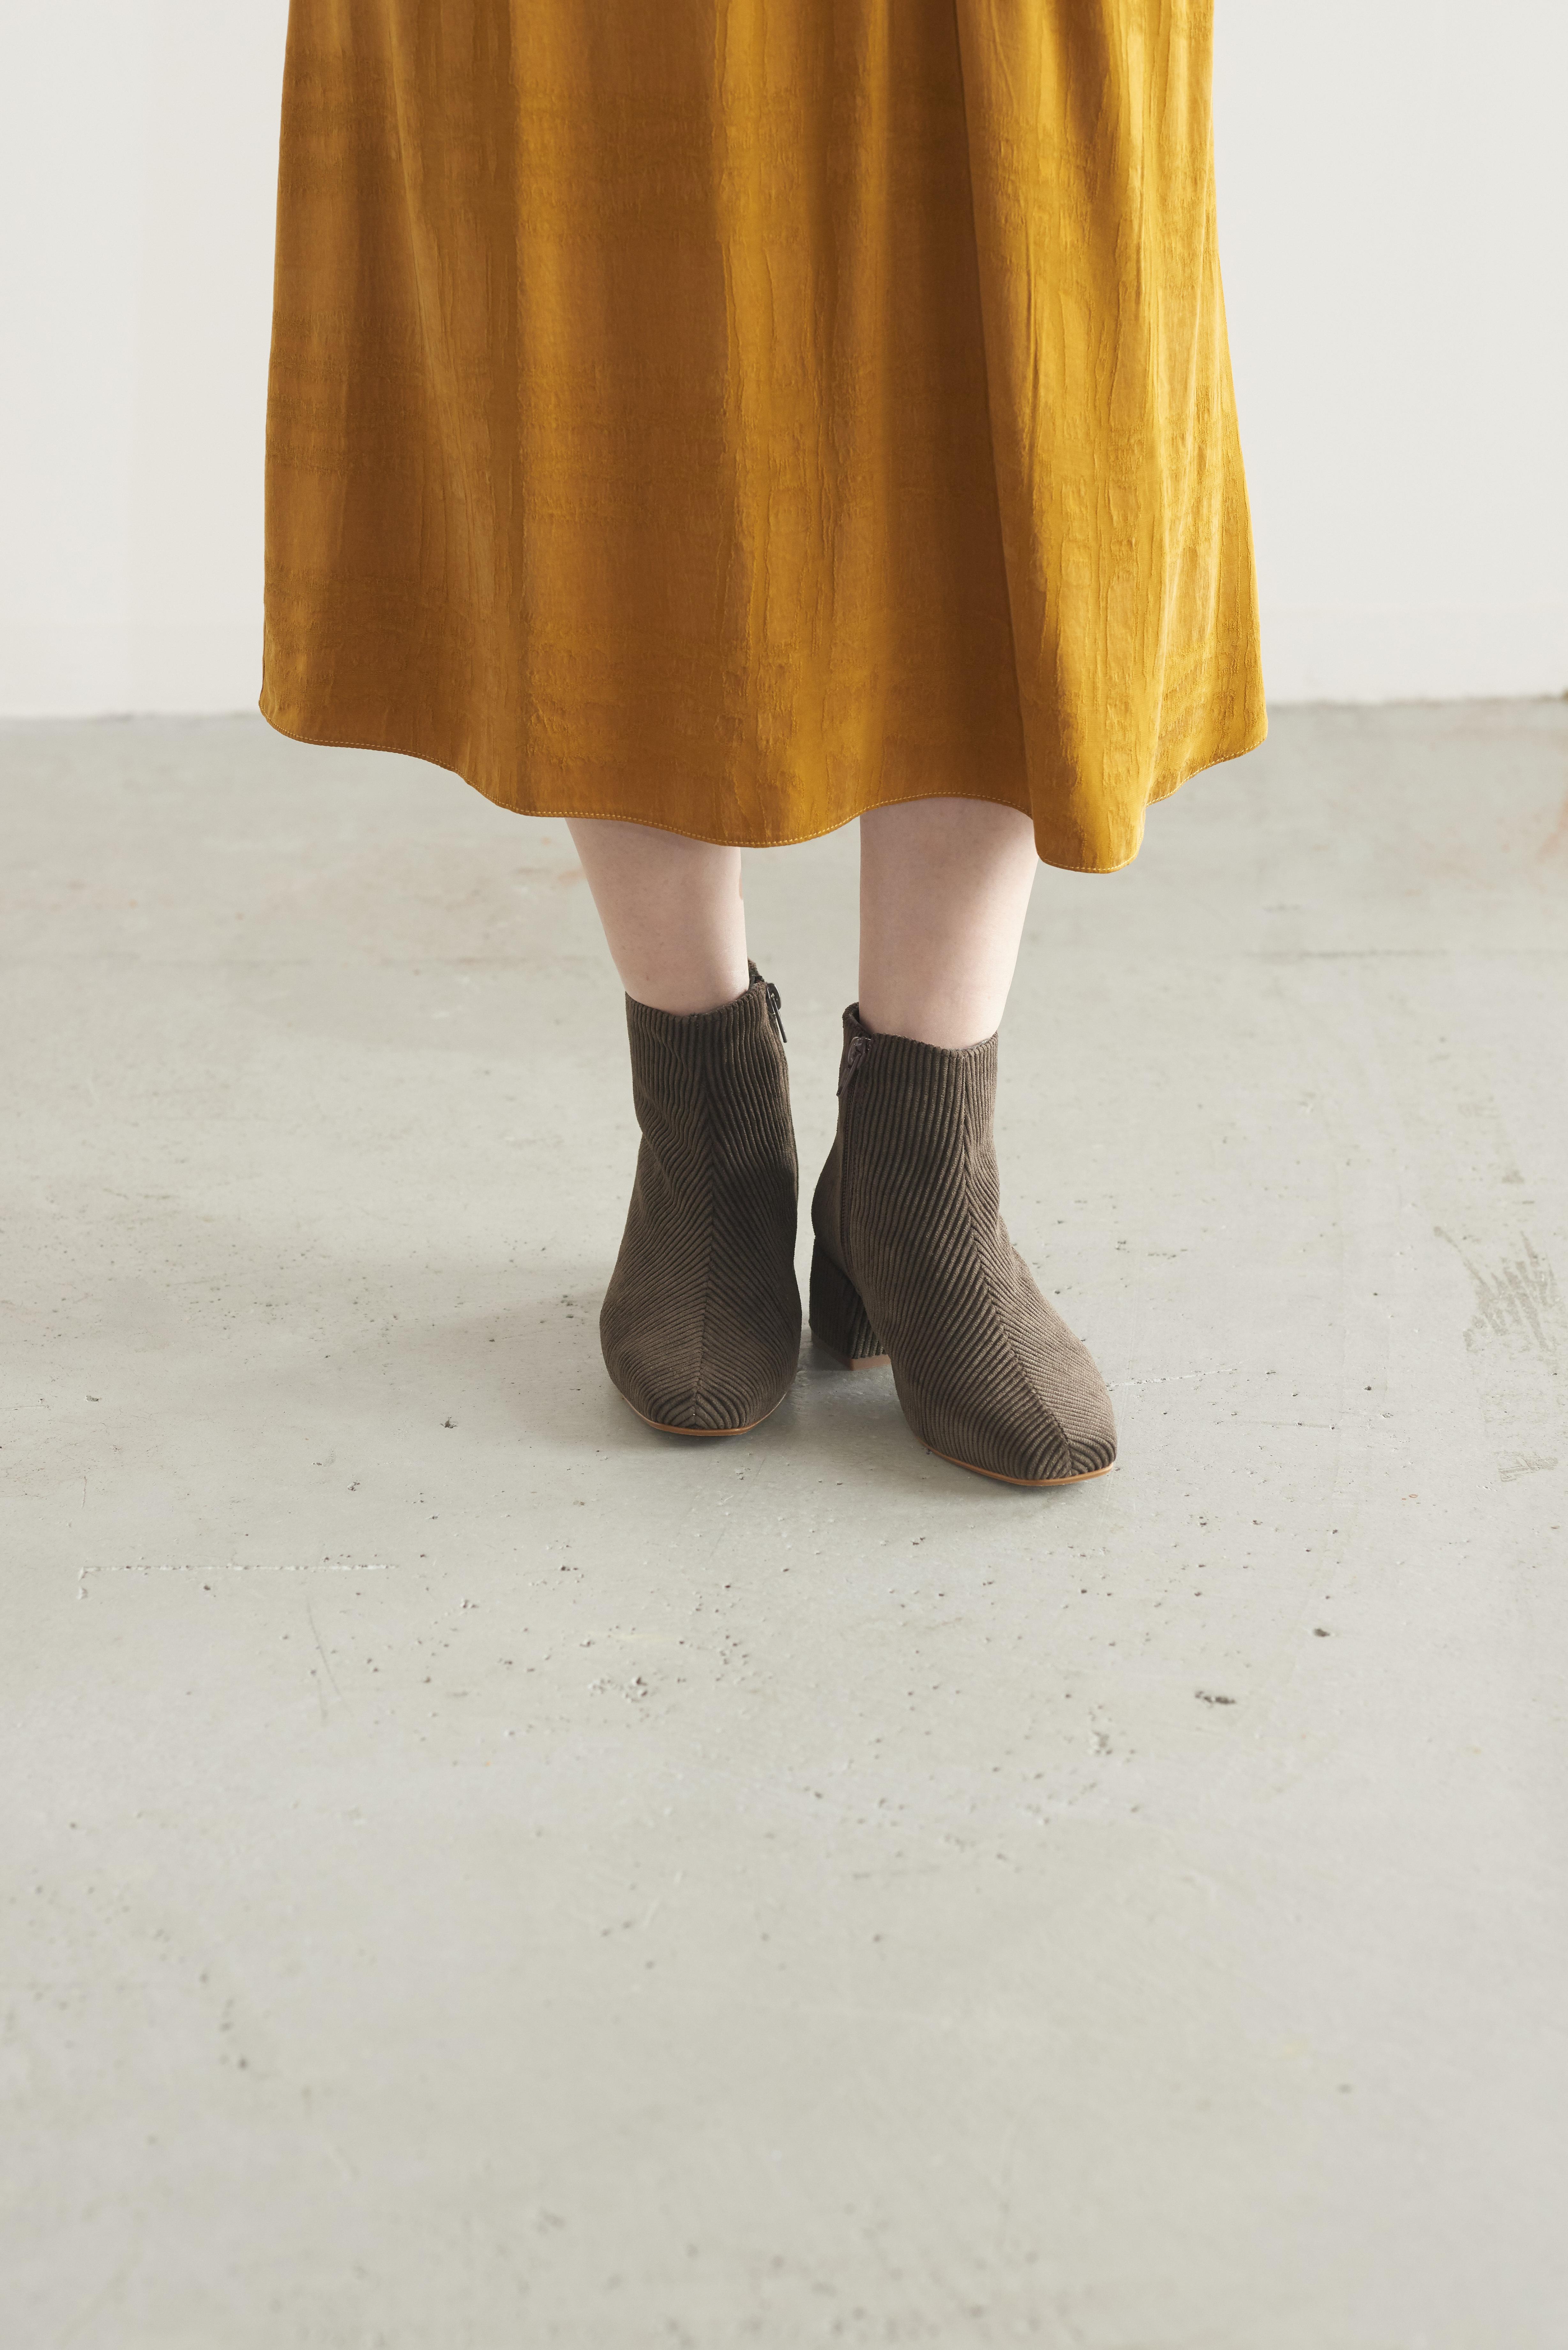 REMME-VA Corduroy boots